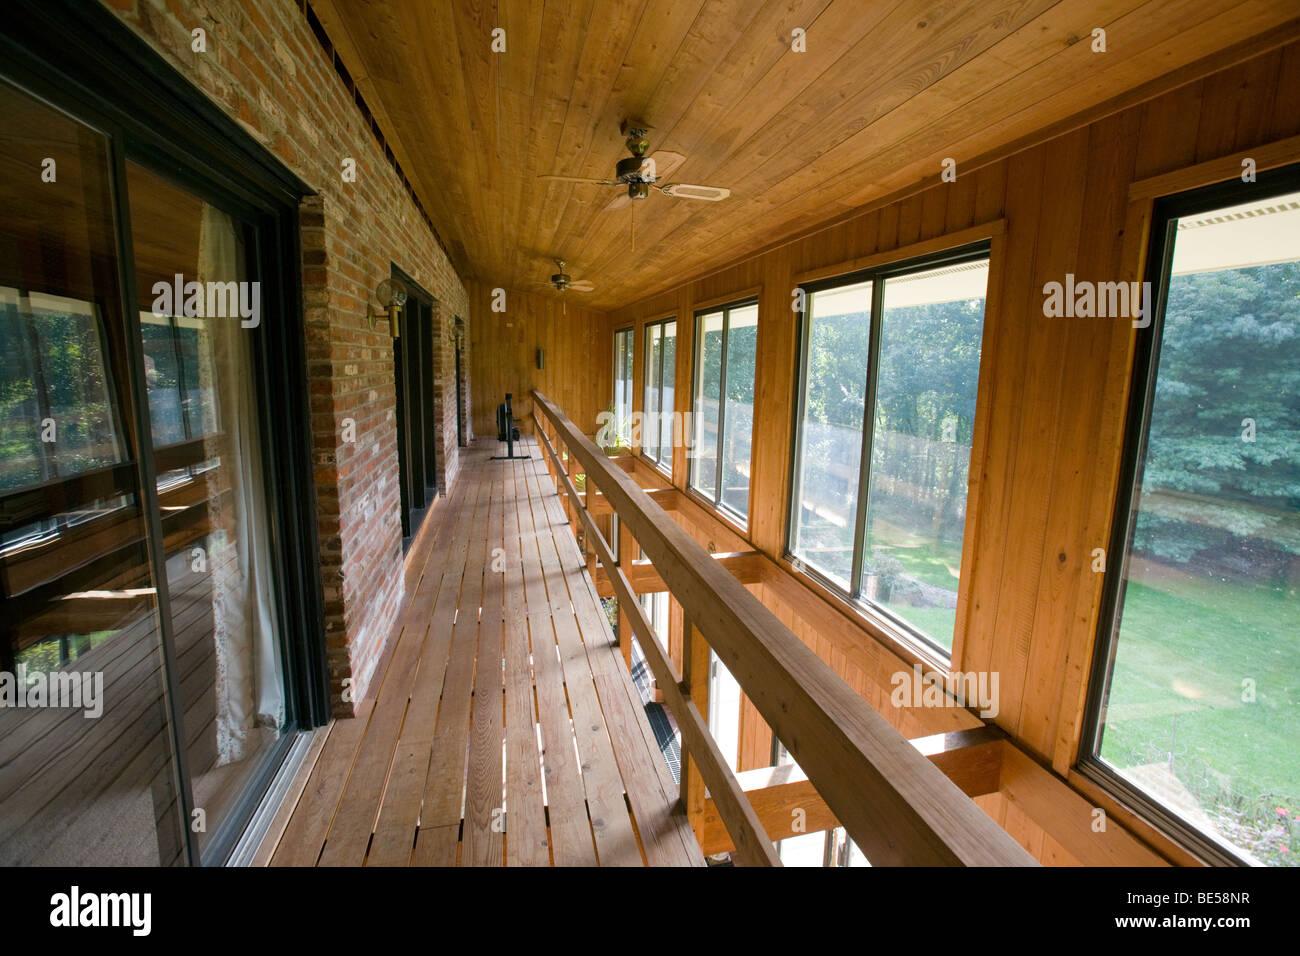 """Vue de l'intérieur de l'atrium (solarium) dans une enveloppe """"solaire passif"""" maison design Photo Stock"""